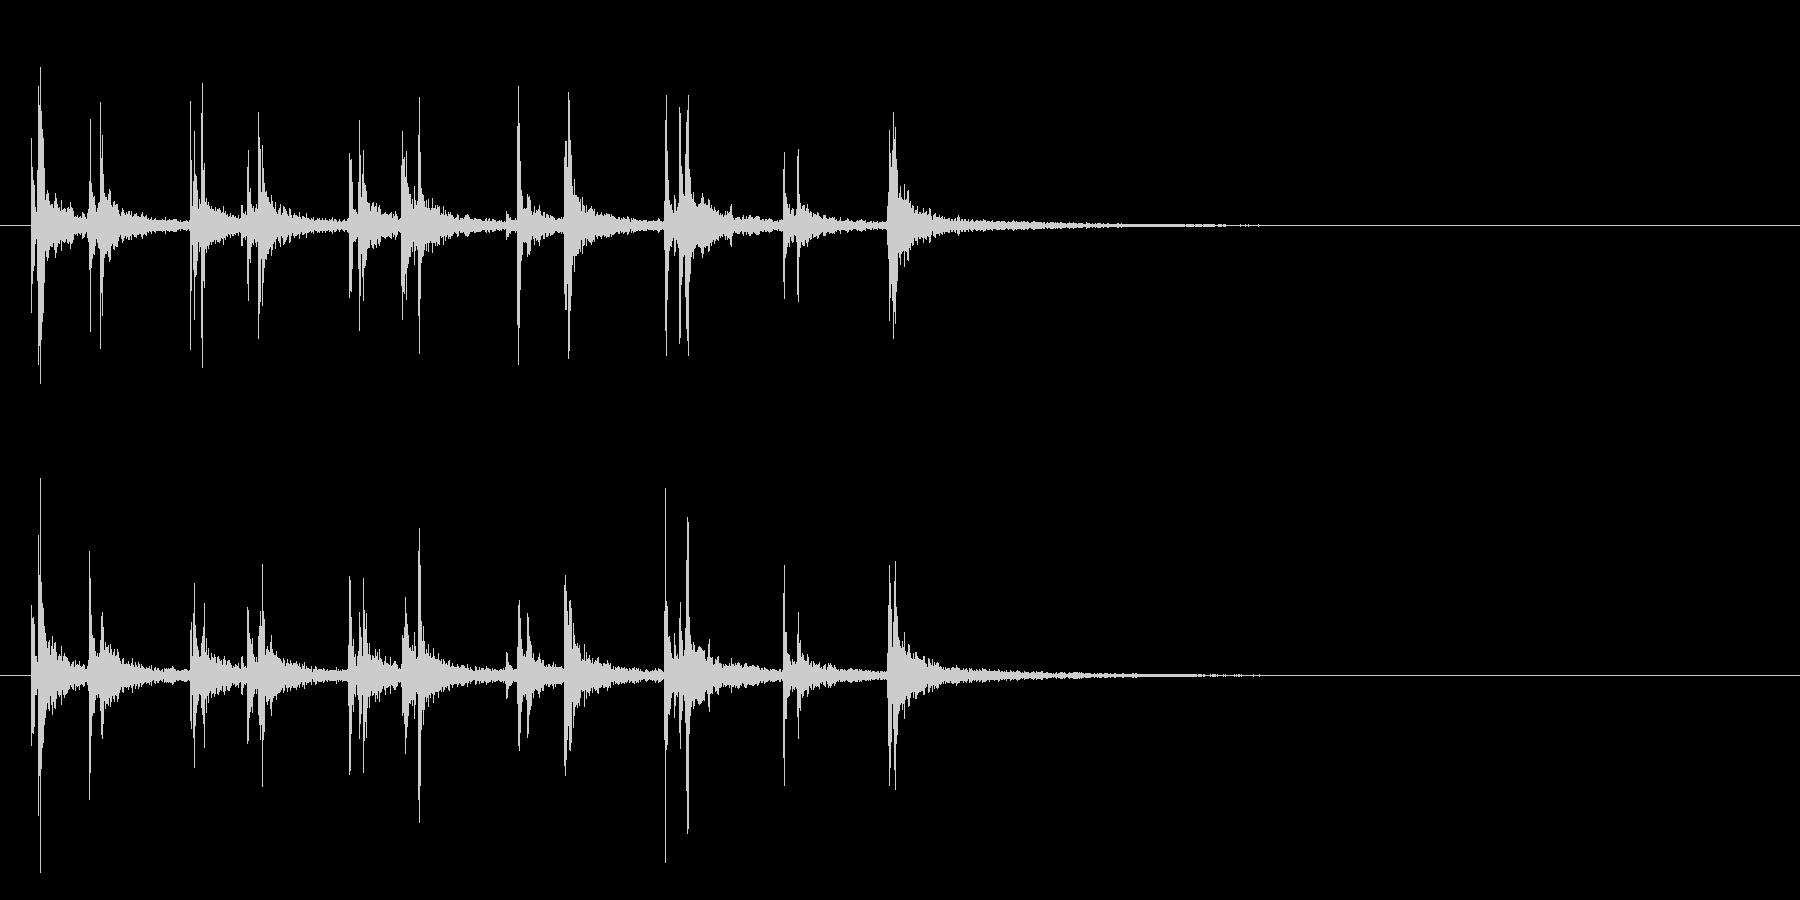 軽快スティック同士を叩くフレーズ音+FXの未再生の波形